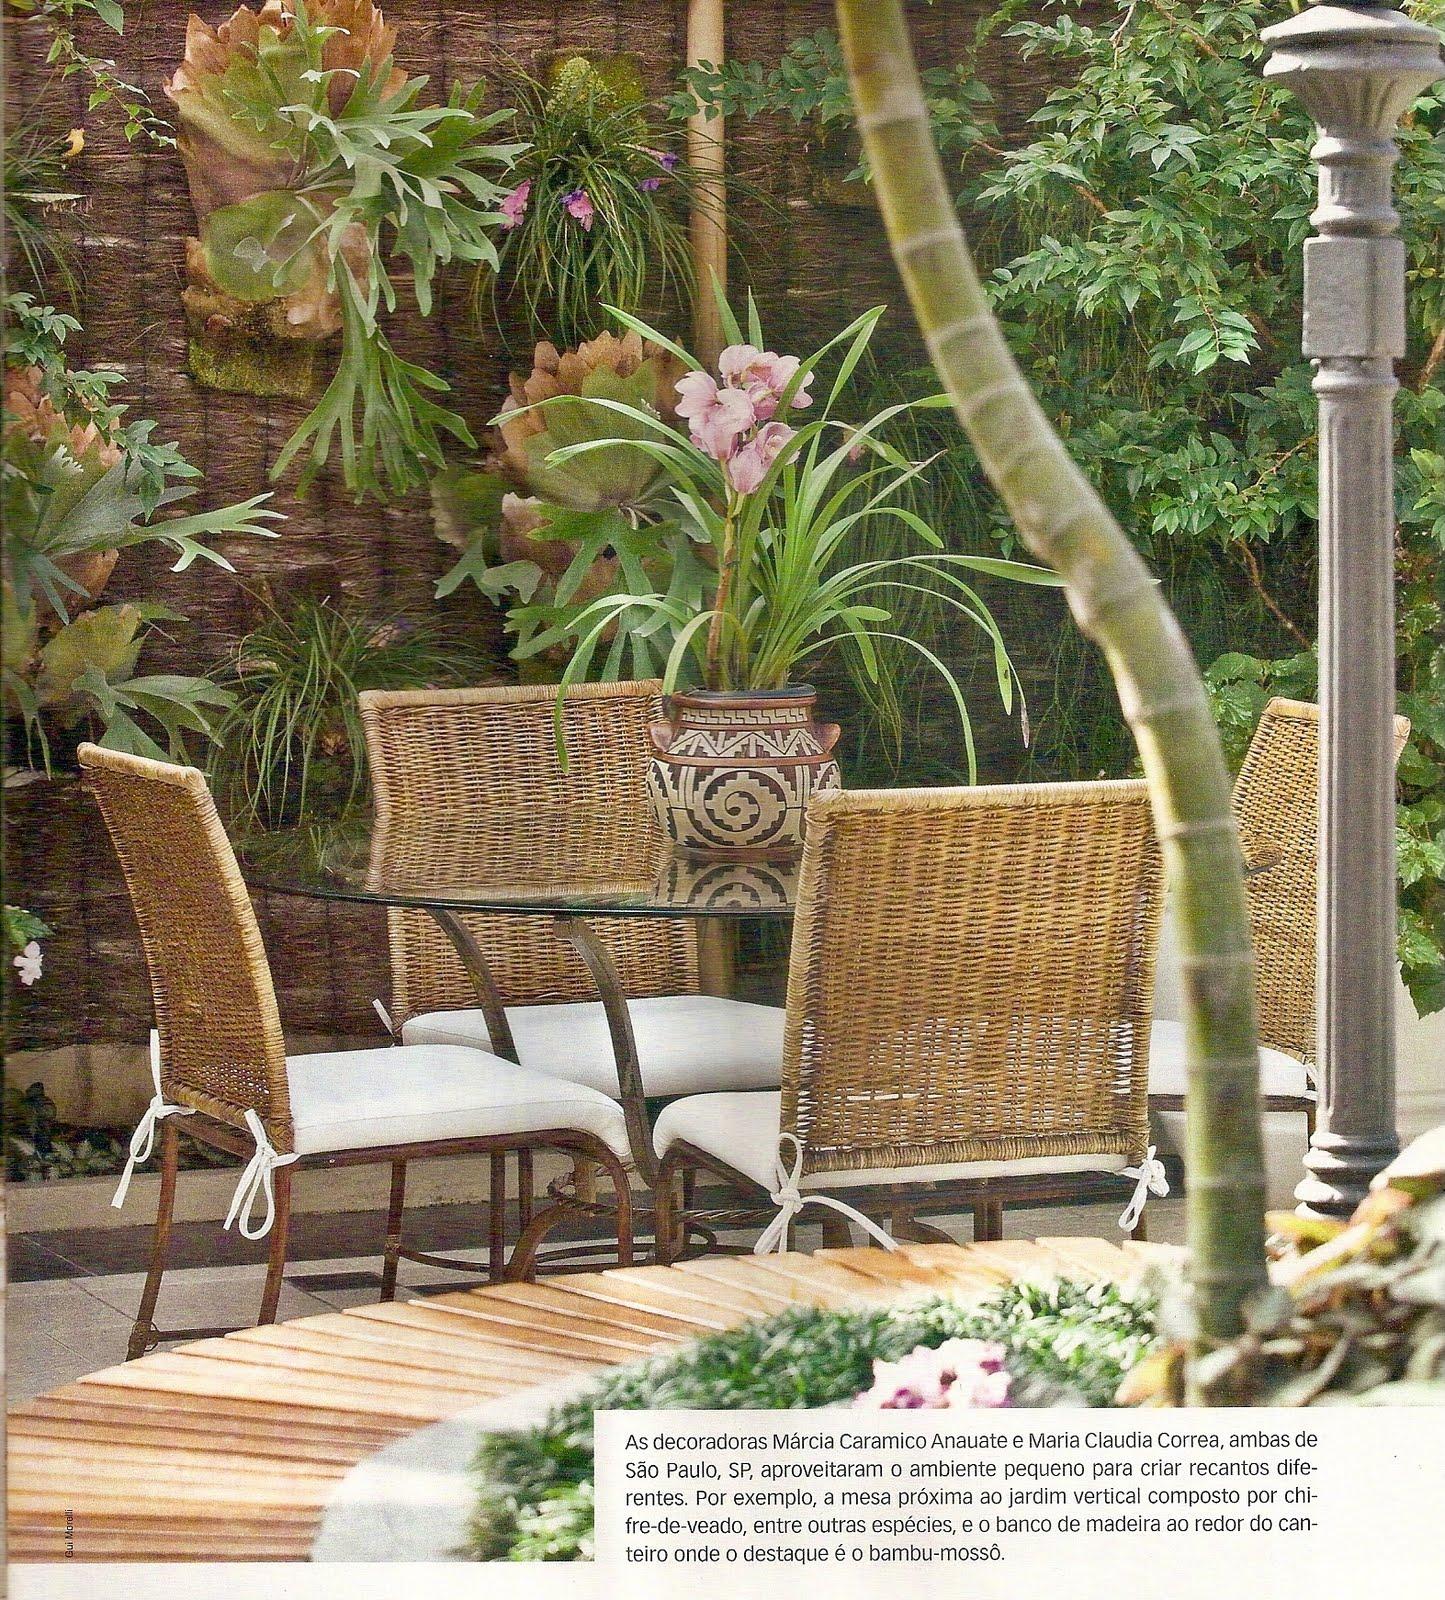 Paixão por orquídeas Meu orquidário: Orquídeas dentro de casa e  #8E6B3D 1445x1600 Banheiro Com Jardim Vertical